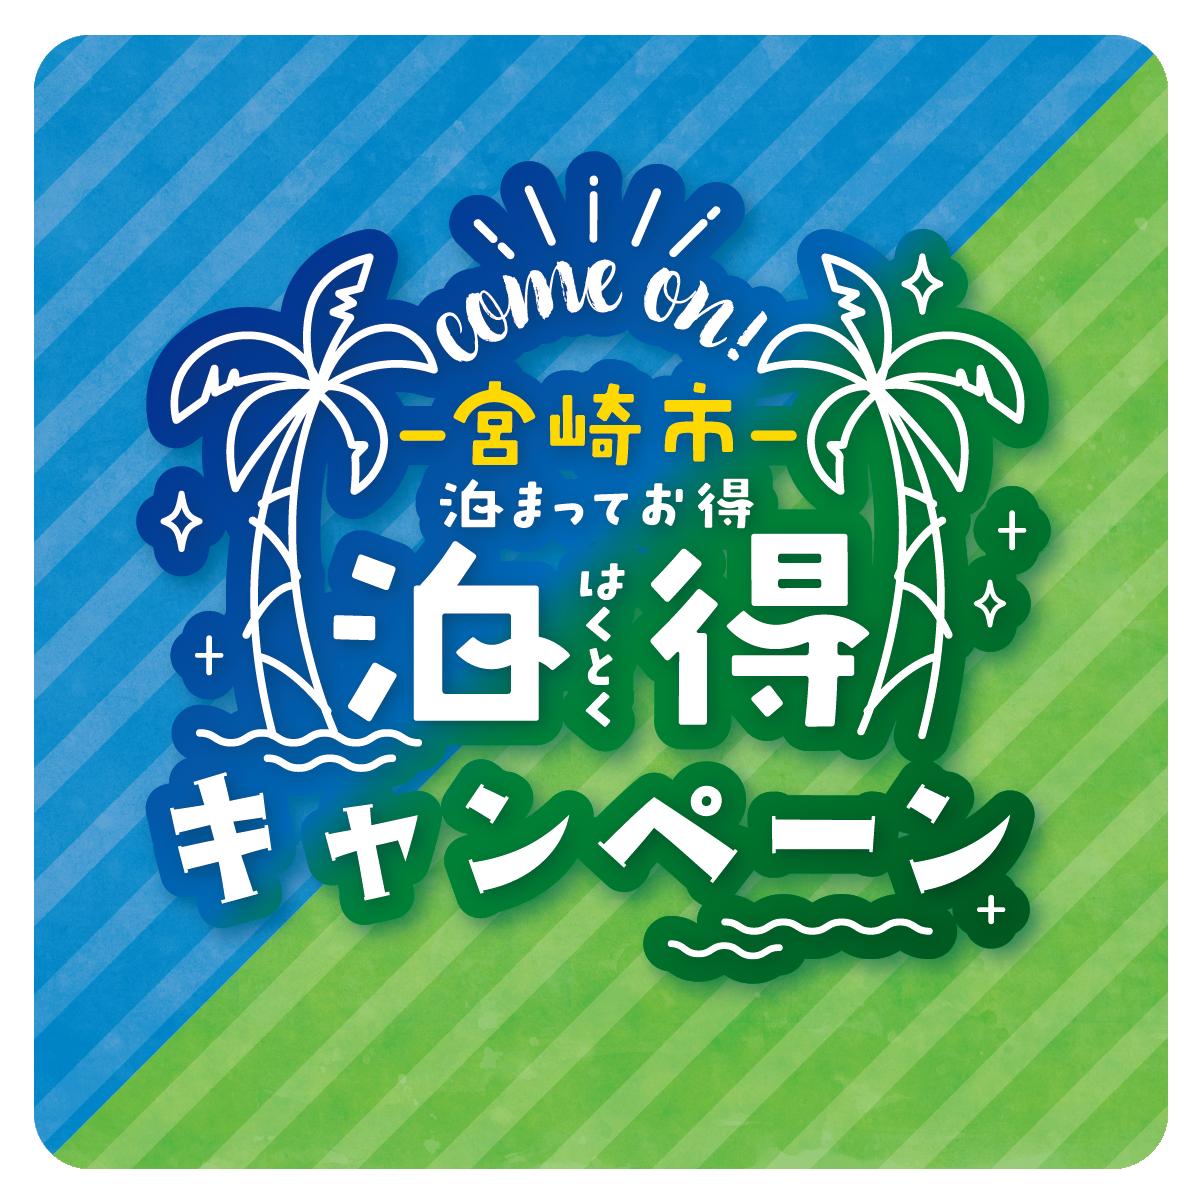 【泊得CP】鉄板焼ステーキ 一ッ葉ミヤチク-1